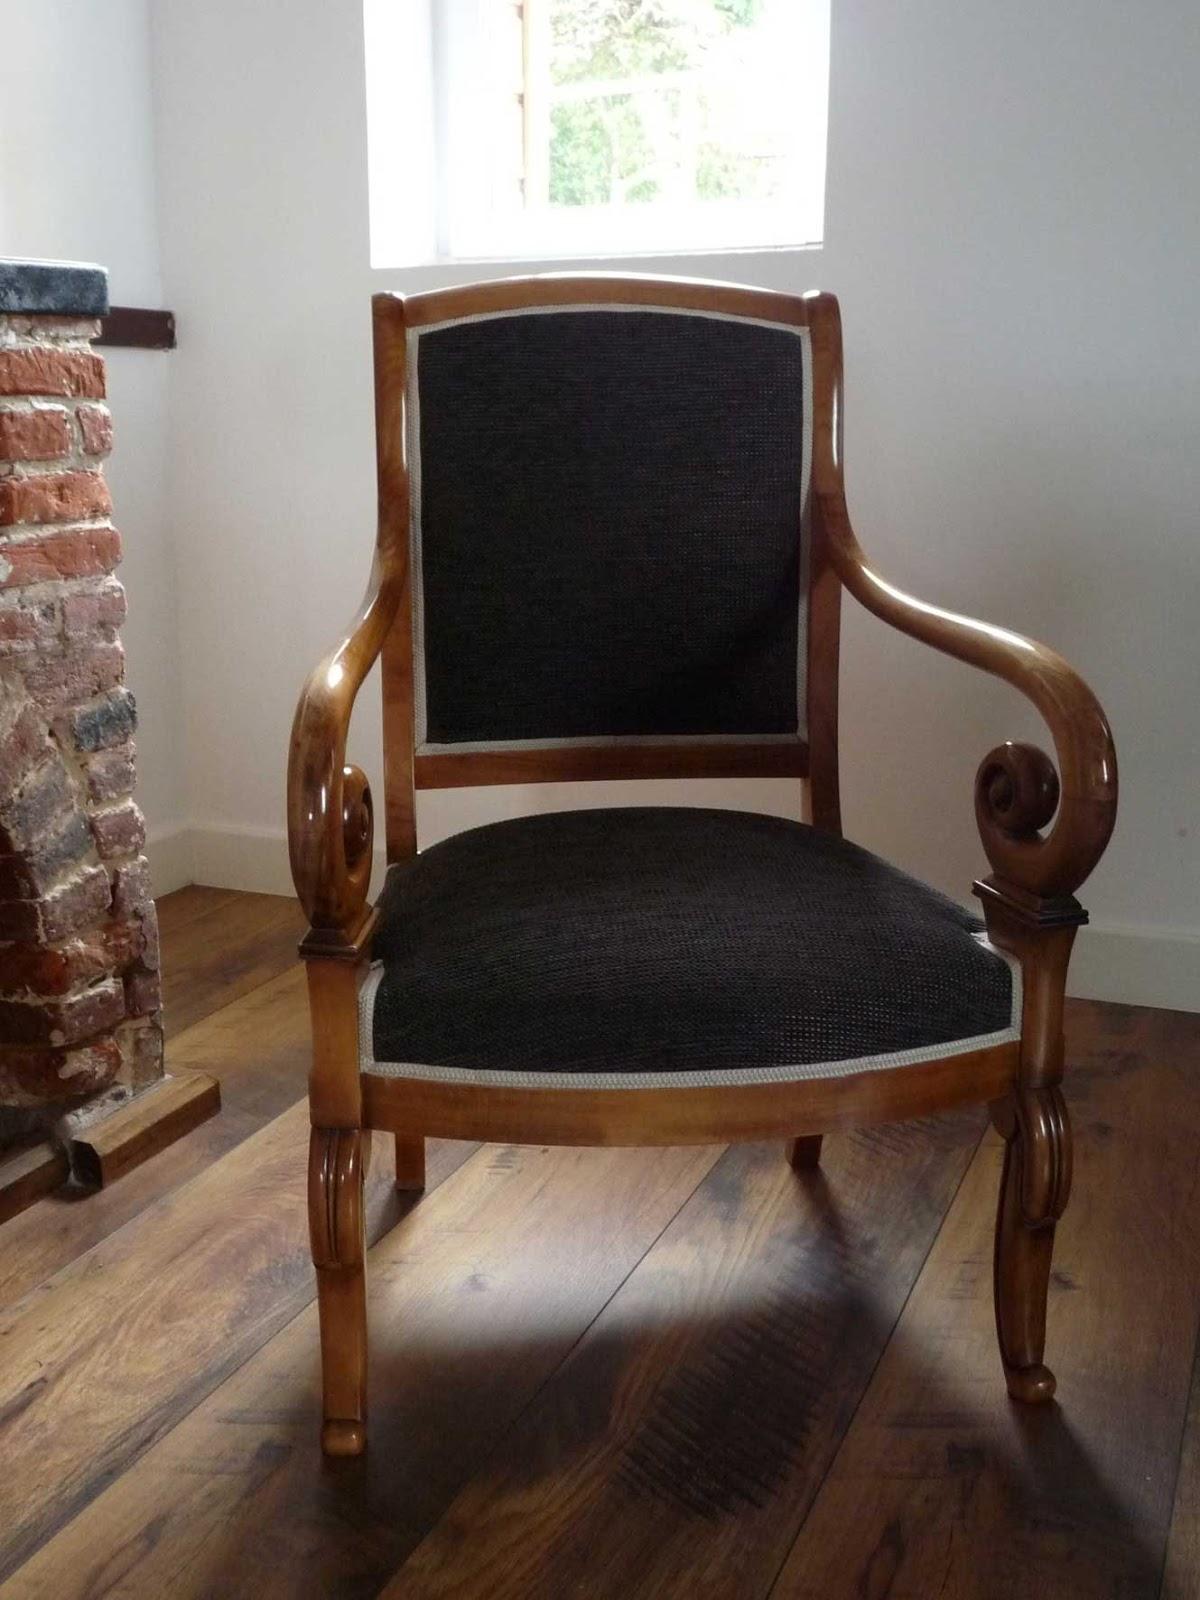 theine design fauteuils voltaire style restauration pr aux saint s bastien. Black Bedroom Furniture Sets. Home Design Ideas